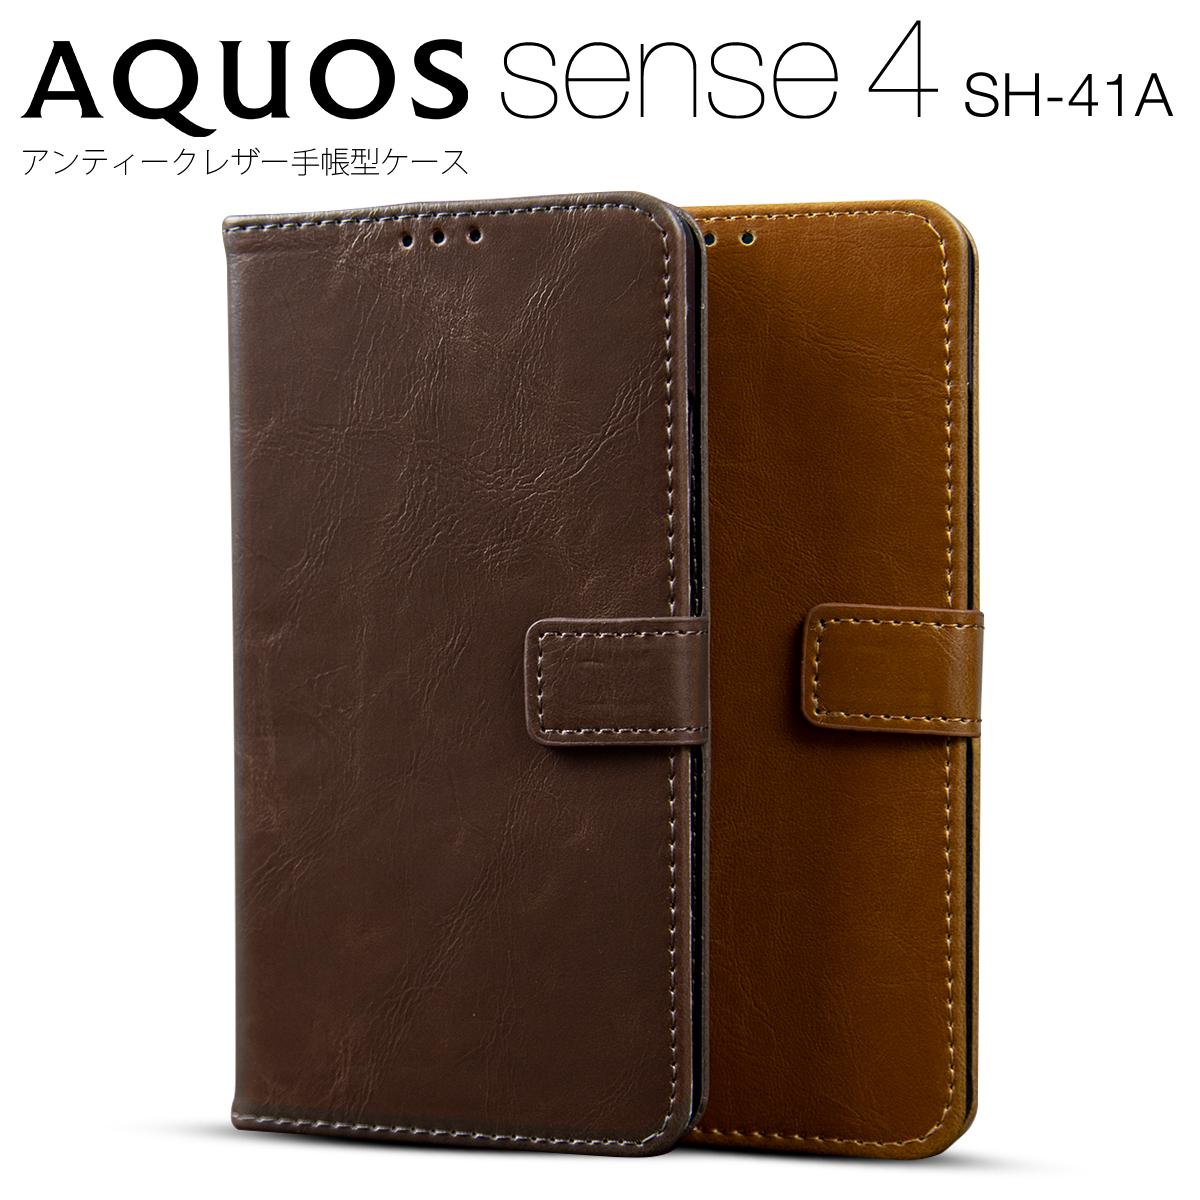 AQUOS sense4 SH-41A アンティークレザー手帳型ケース